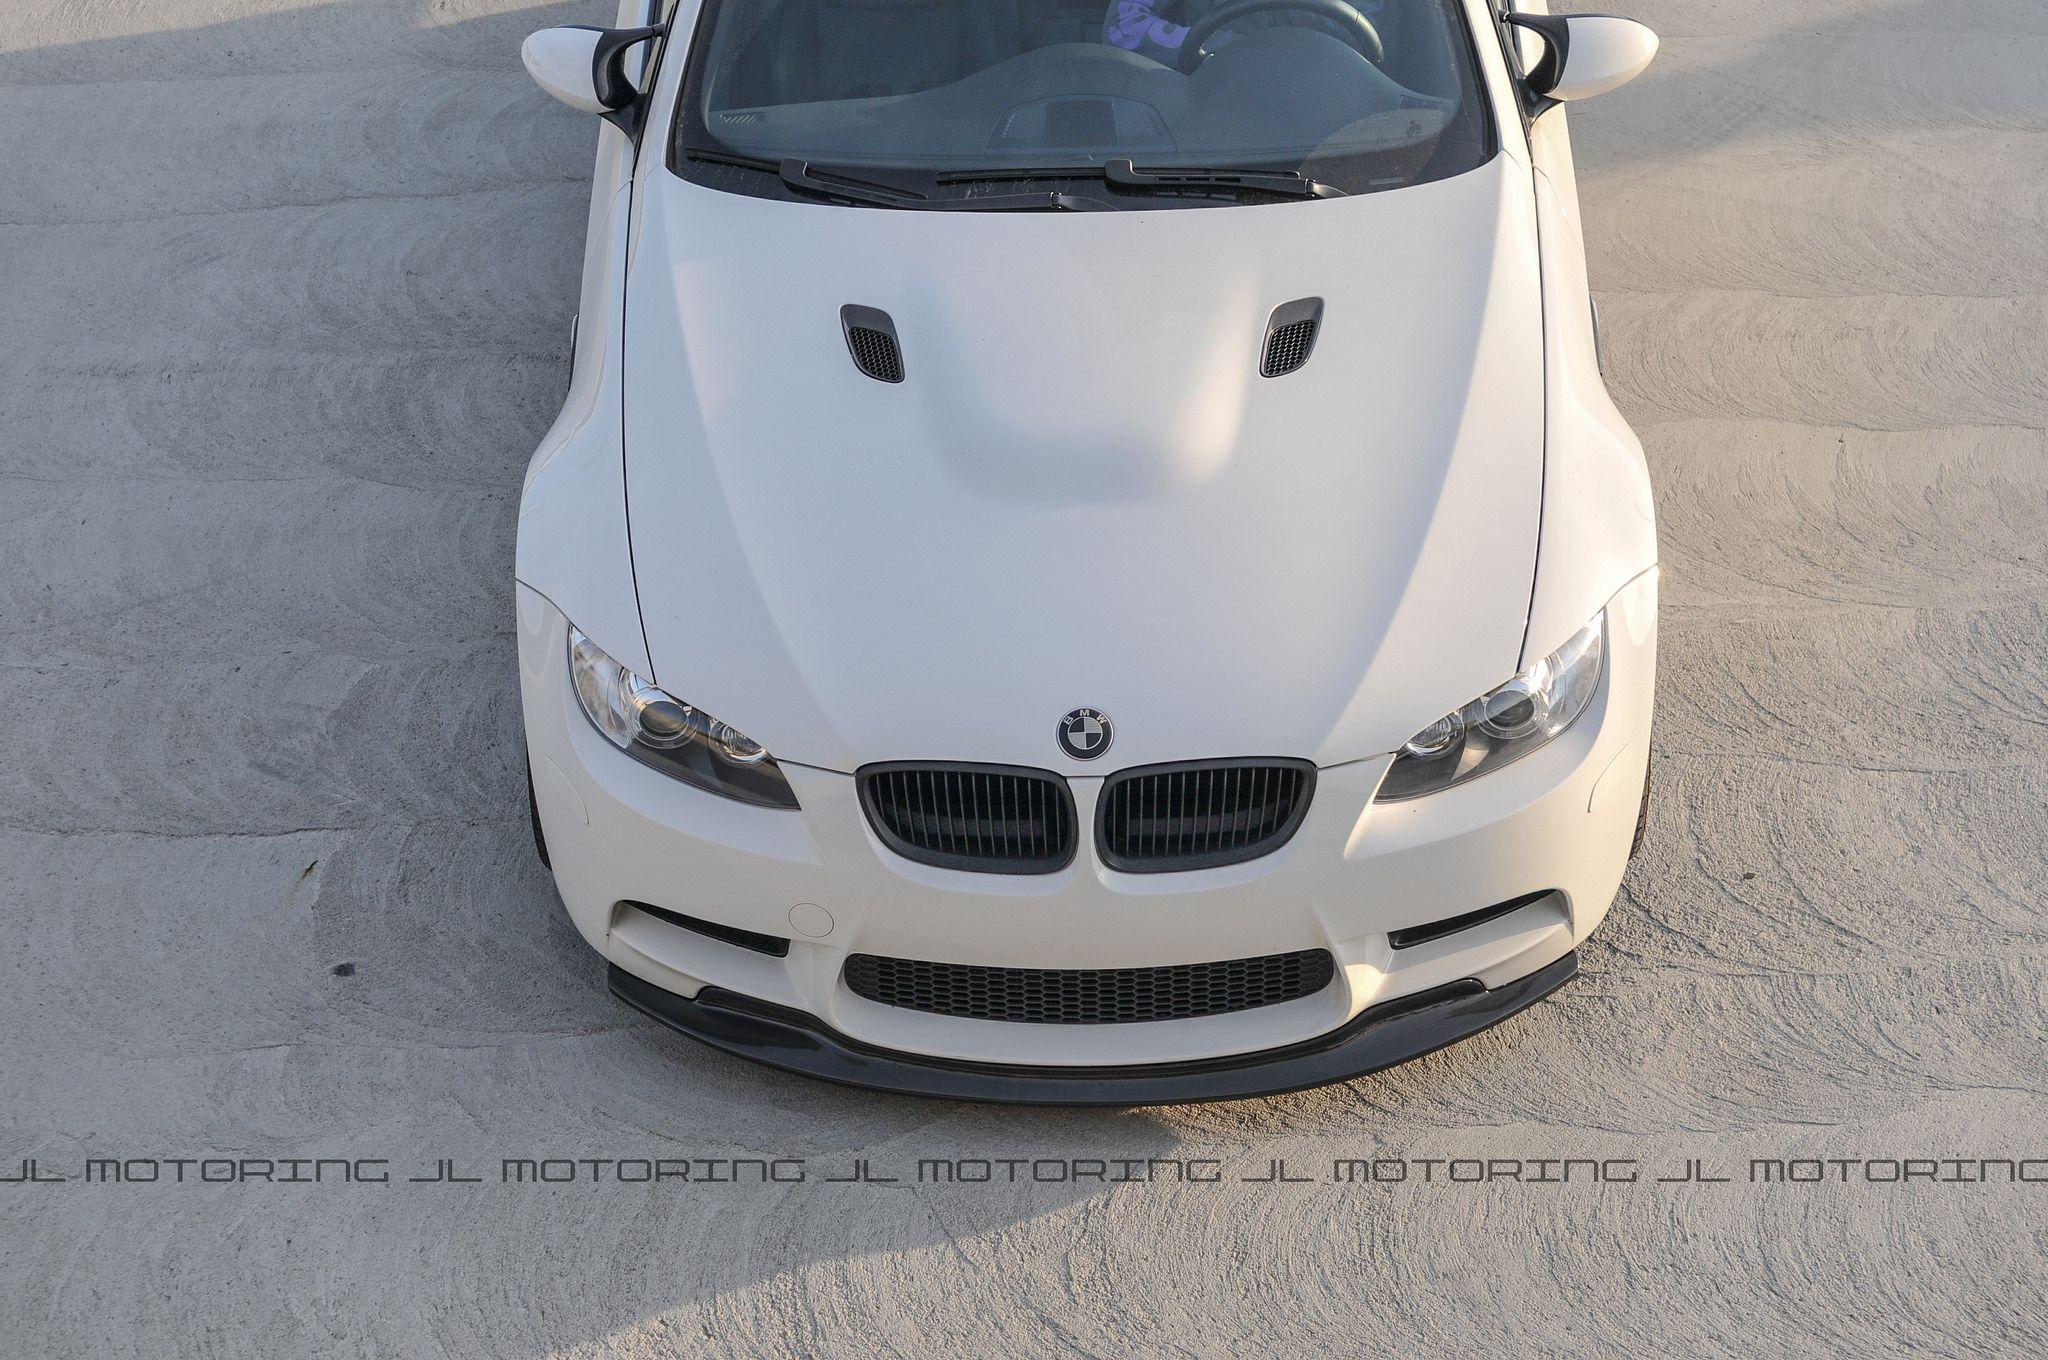 Bmw E90 E92 E93 M3 Gts Carbon Fiber Front Lip Bmw Carbon Fiber